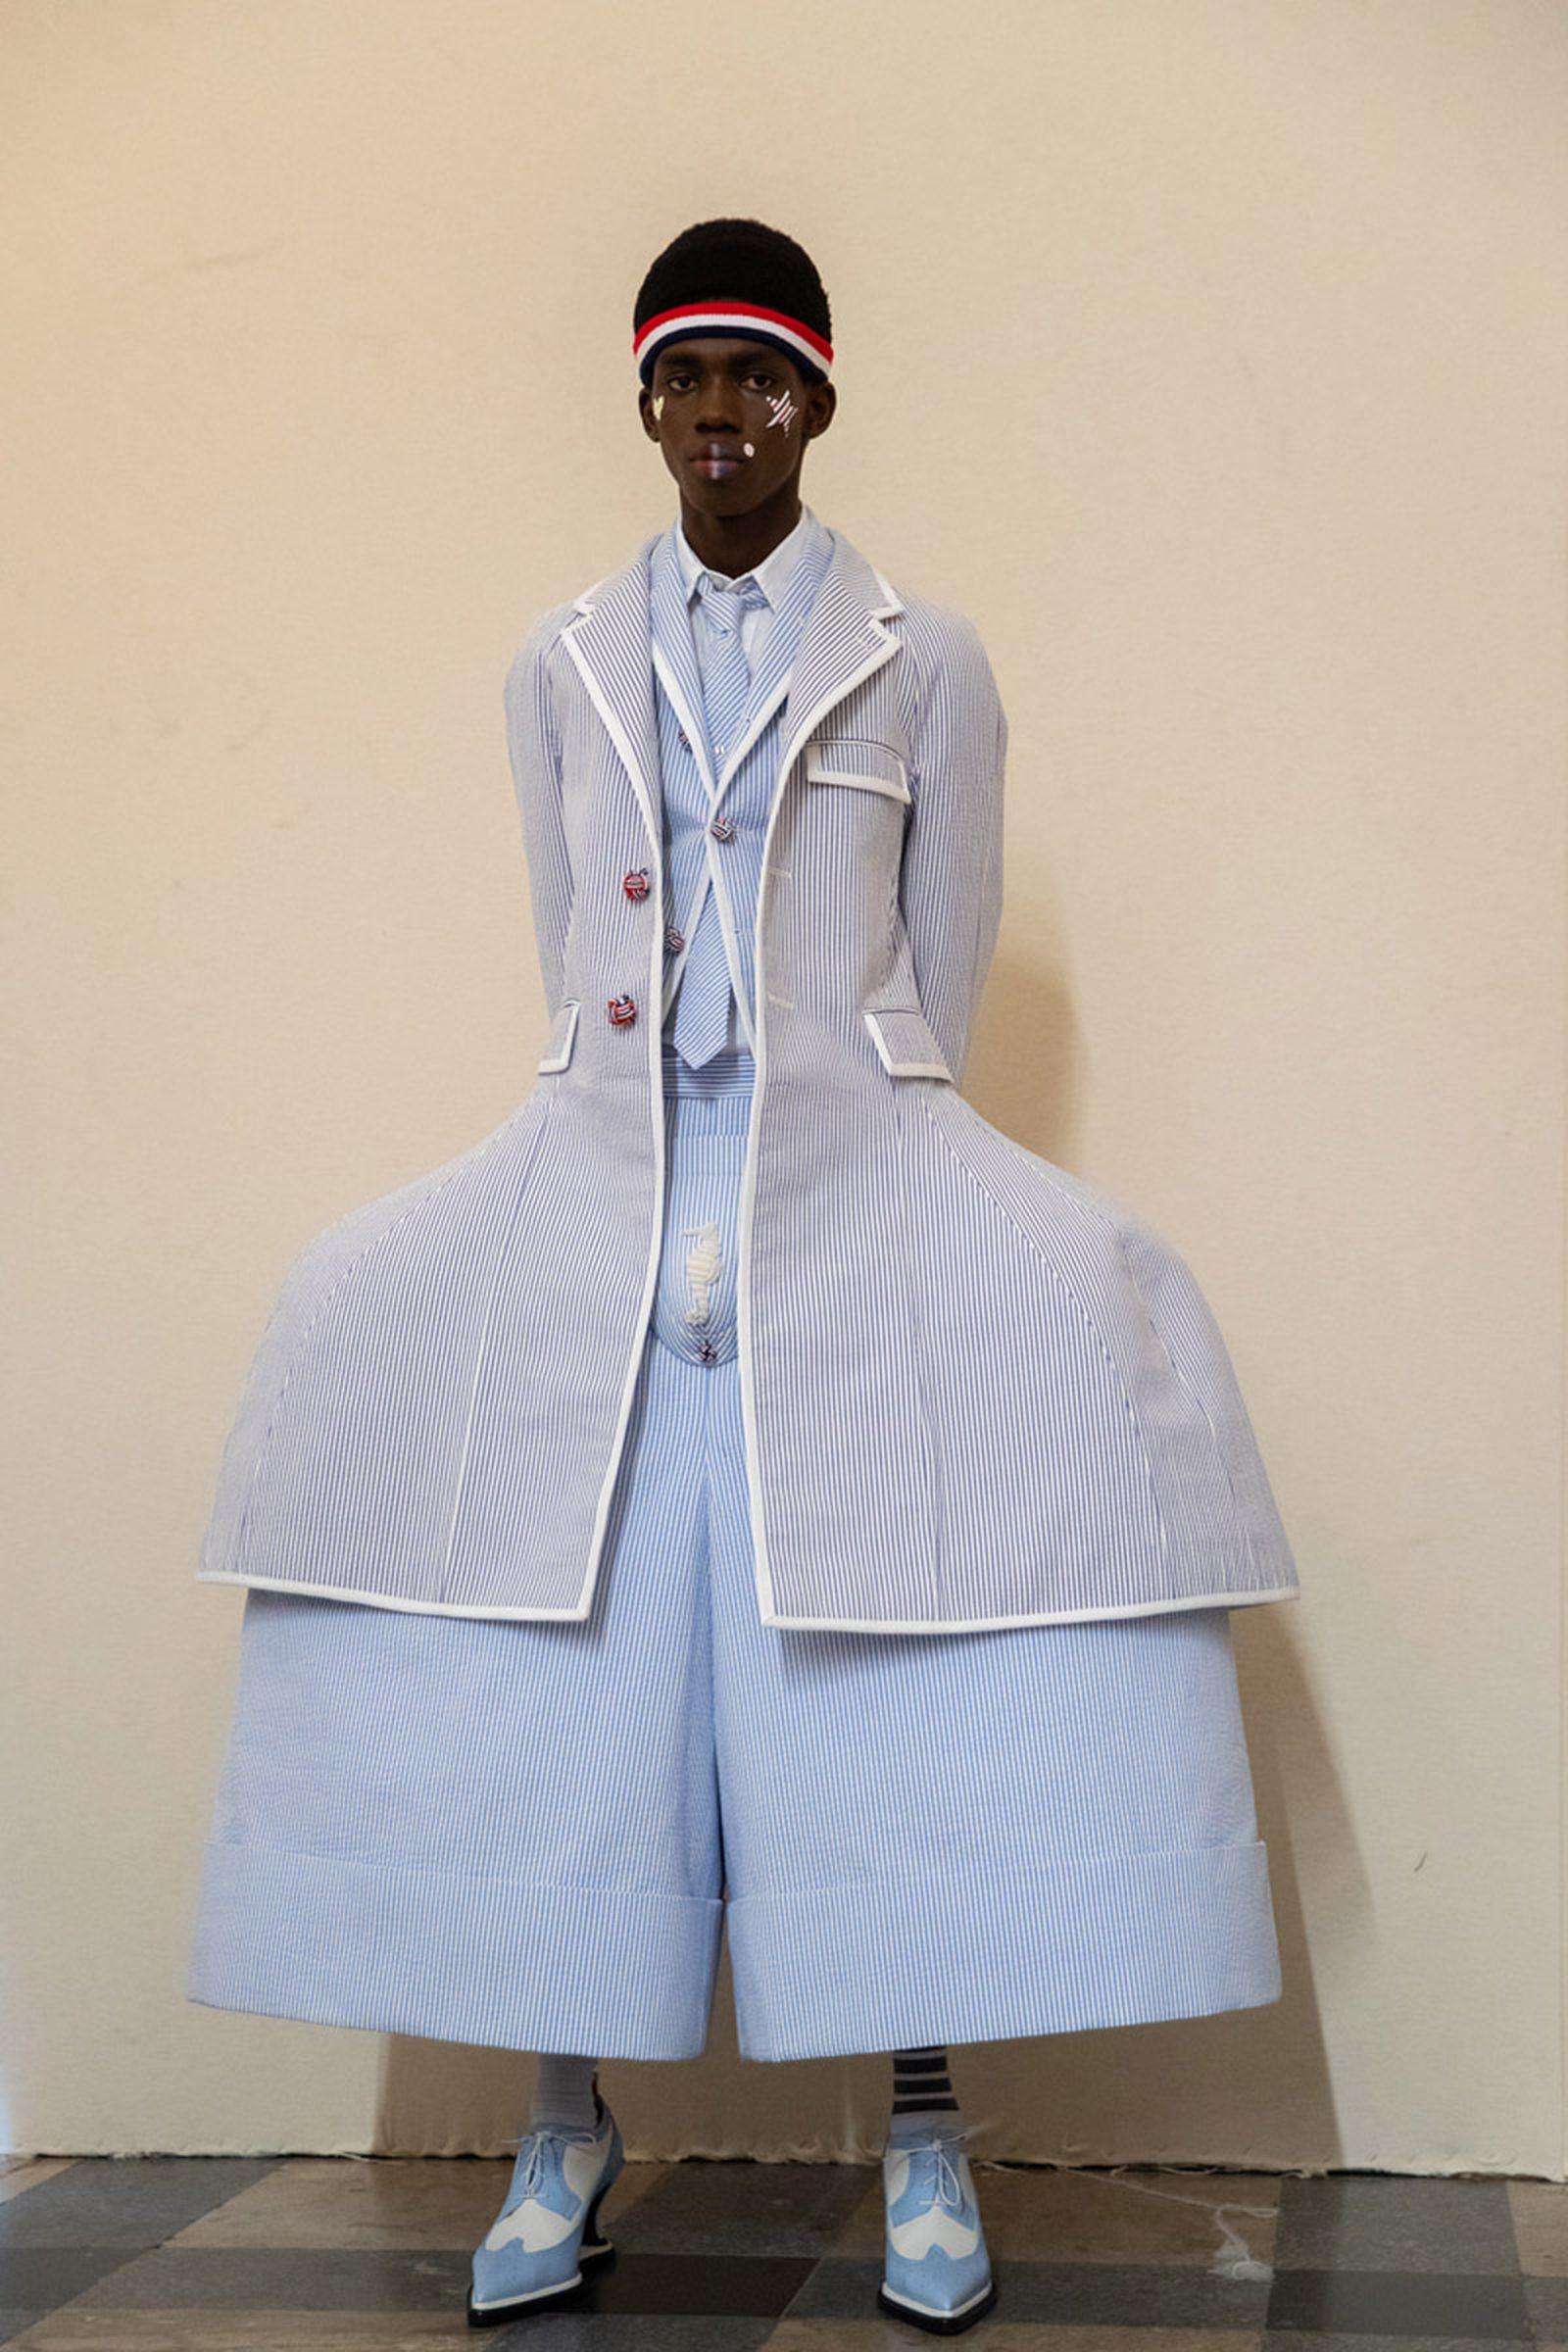 MSS20 Paris Thom Browne Eva Al Desnudo For web 04 paris fashion week runway